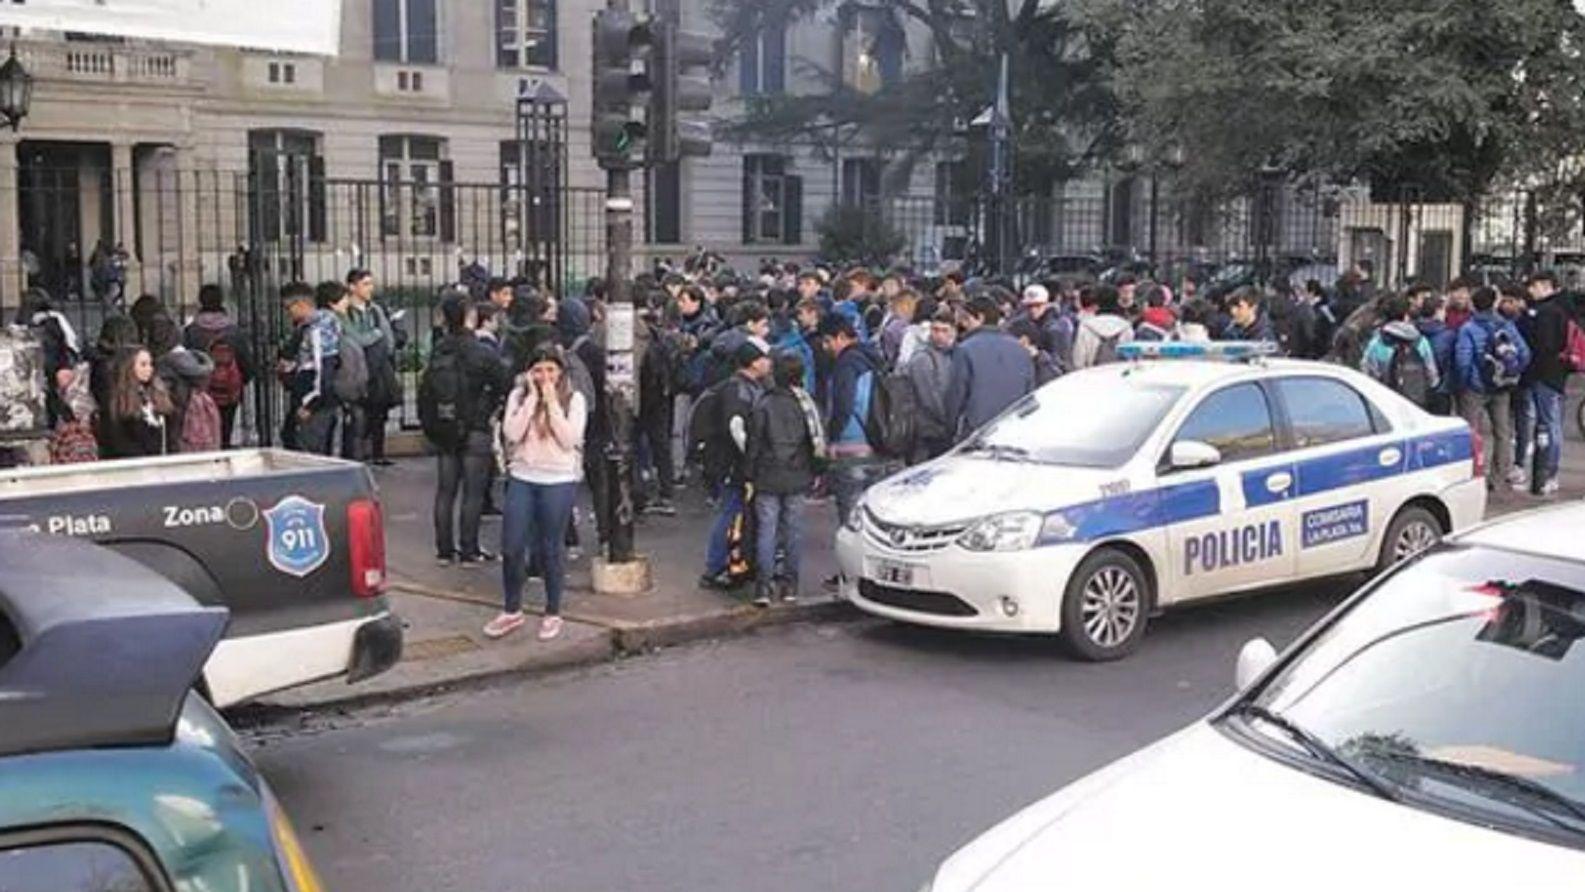 La Plata: éste es el posteo que hizo la joven estudiante antes de intentar suicidarse